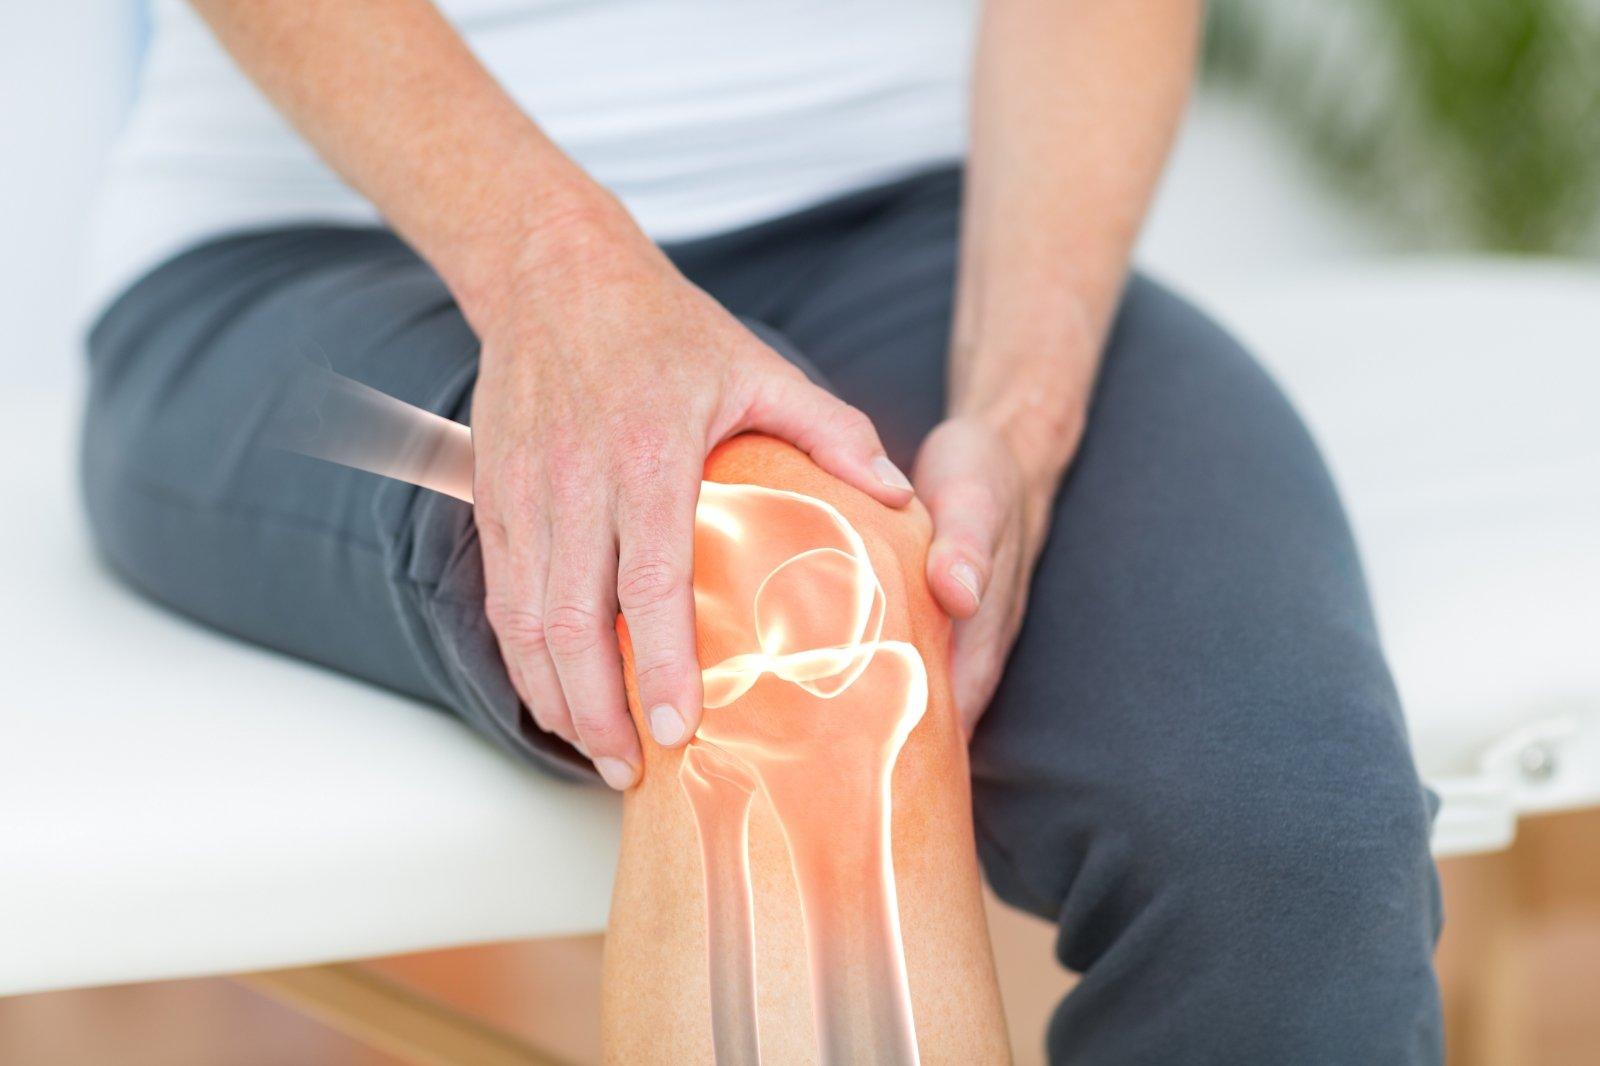 zandikaulio ir gerkles skausmas tepalas su artritu alkūnės sąnario